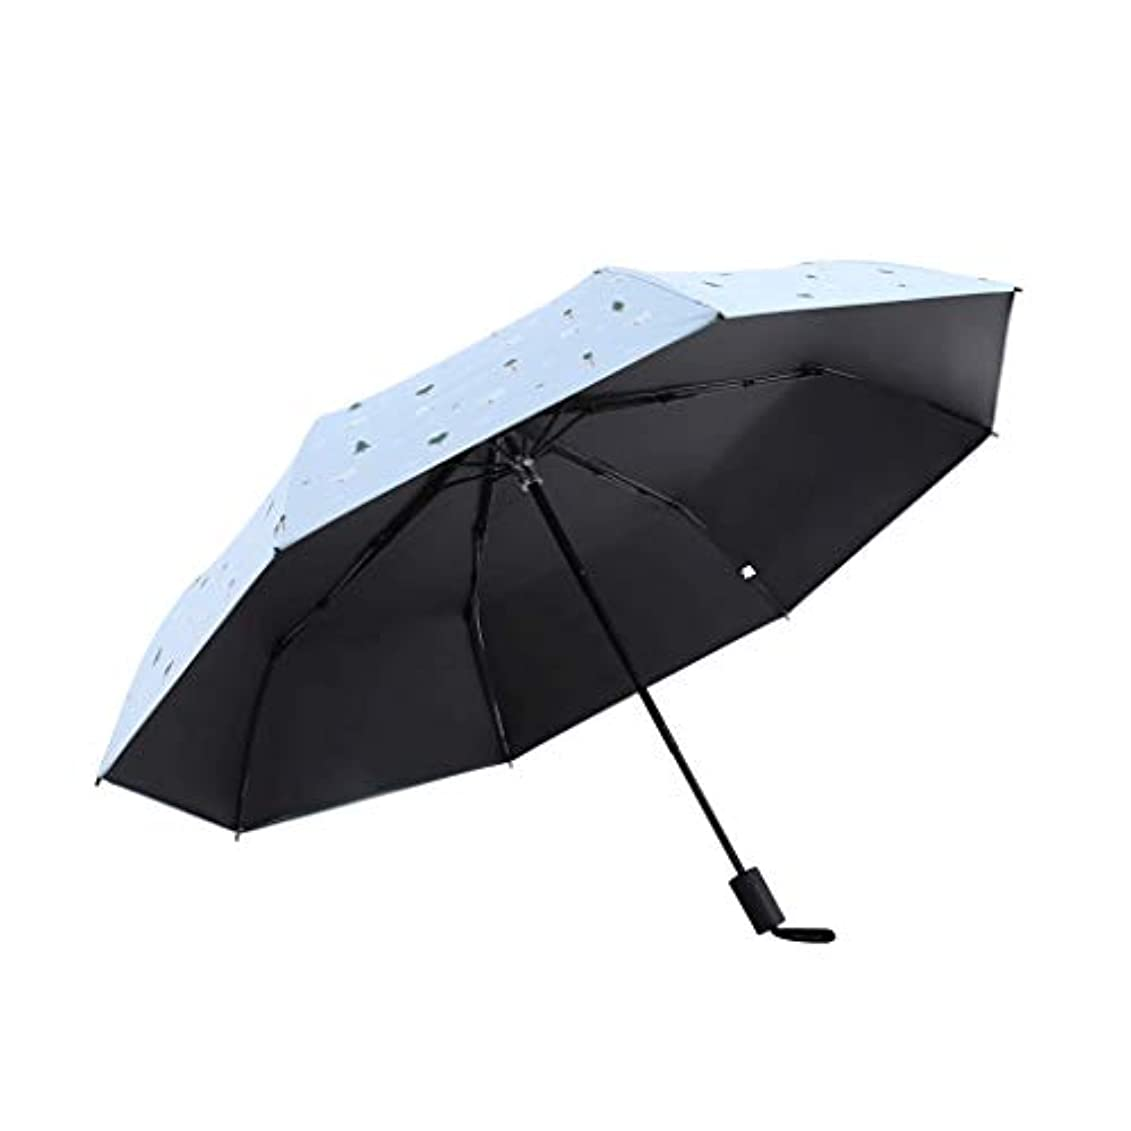 結晶偏心証明日傘防水ブラックダブルUV日傘超軽量雨兼用傘日焼け止めゼロライト折りたたみ傘 (色 : 青)